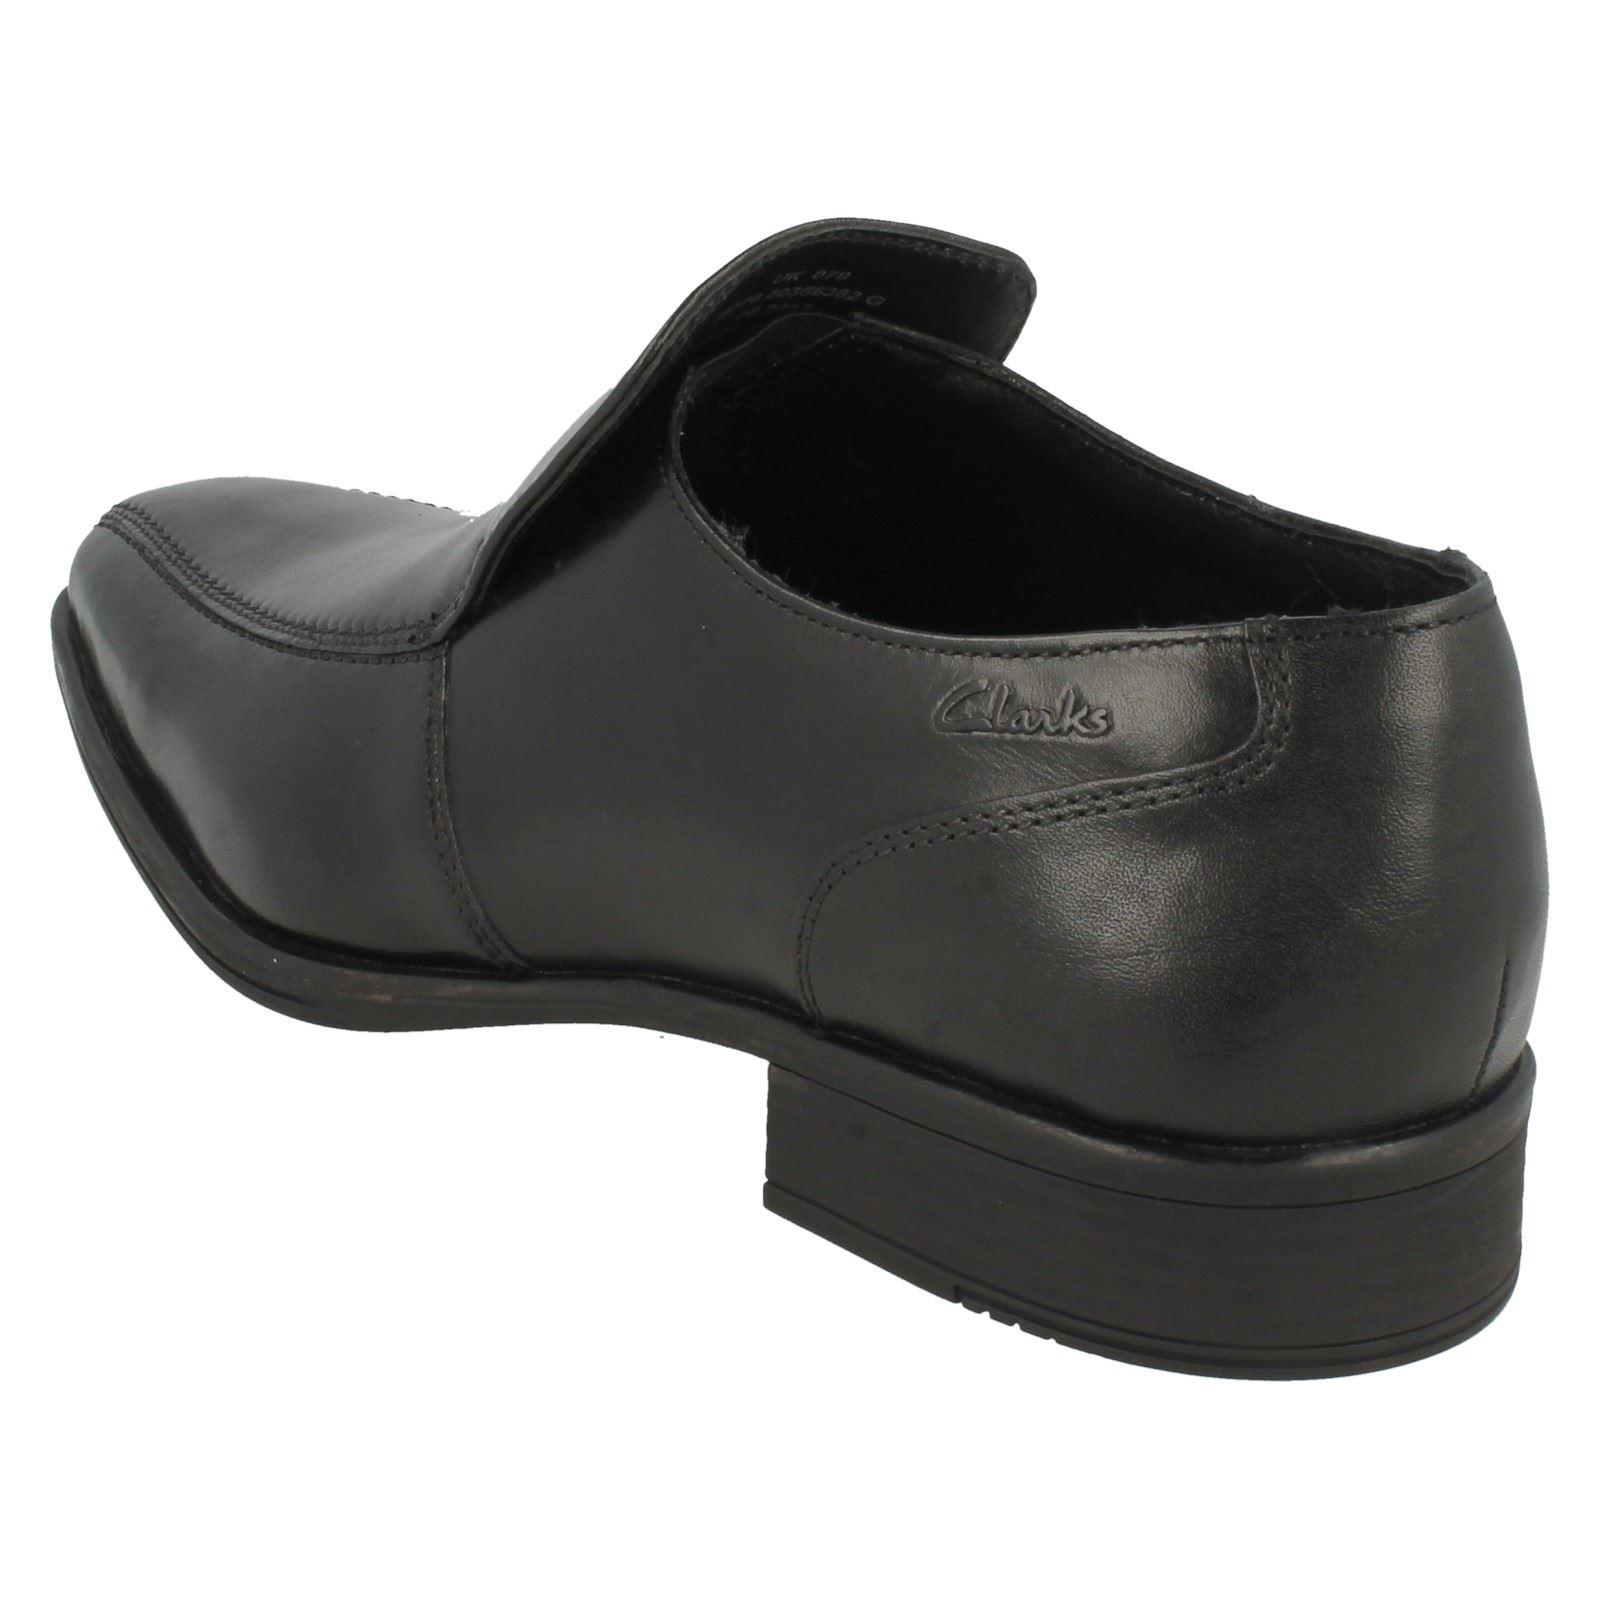 Calzado para formal Flenk hombre Step negro Clarks wrxrvI